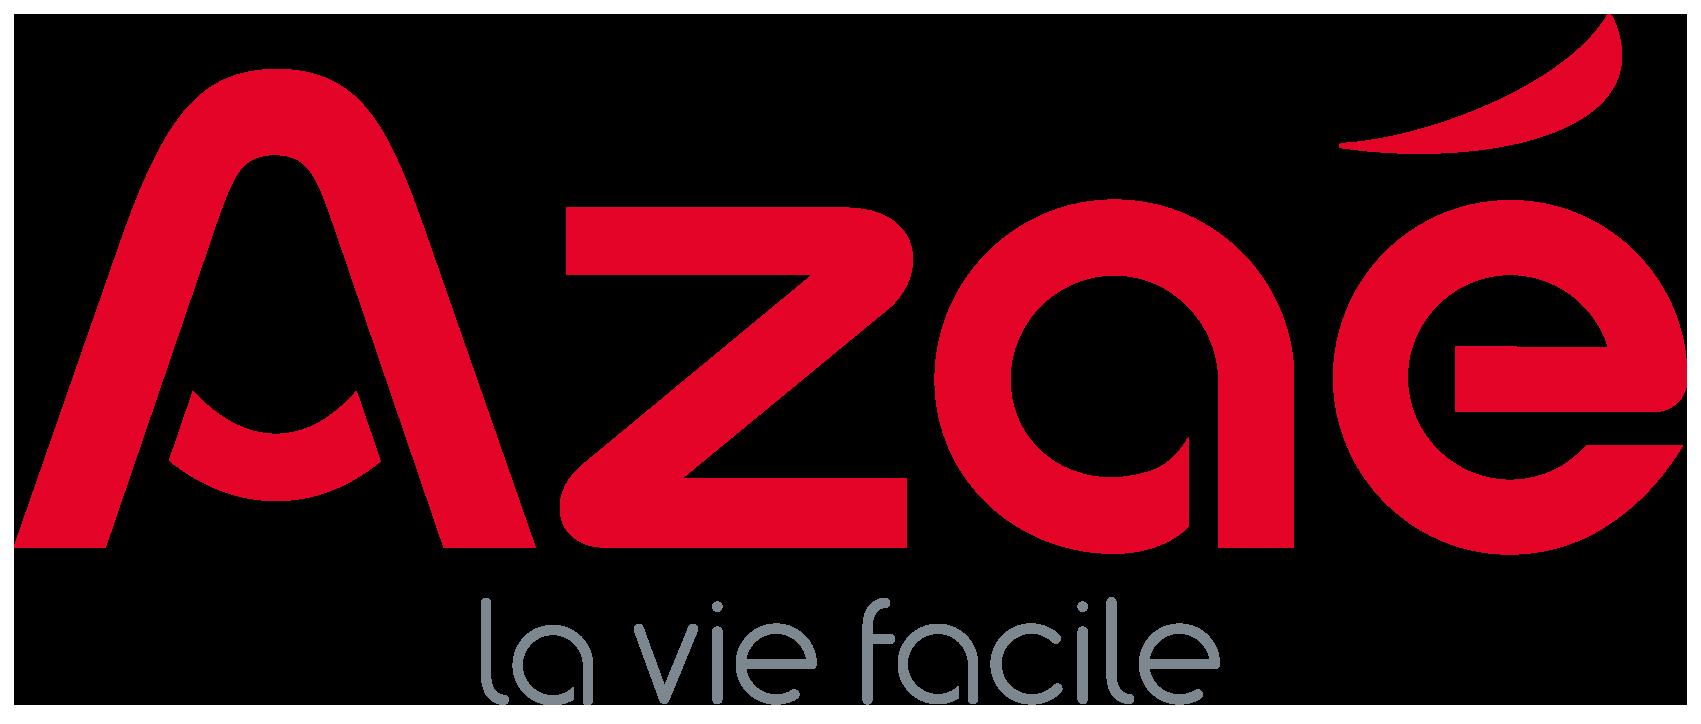 Azaé Lyon - Aide à domicile et femme de ménage services, aide à domicile